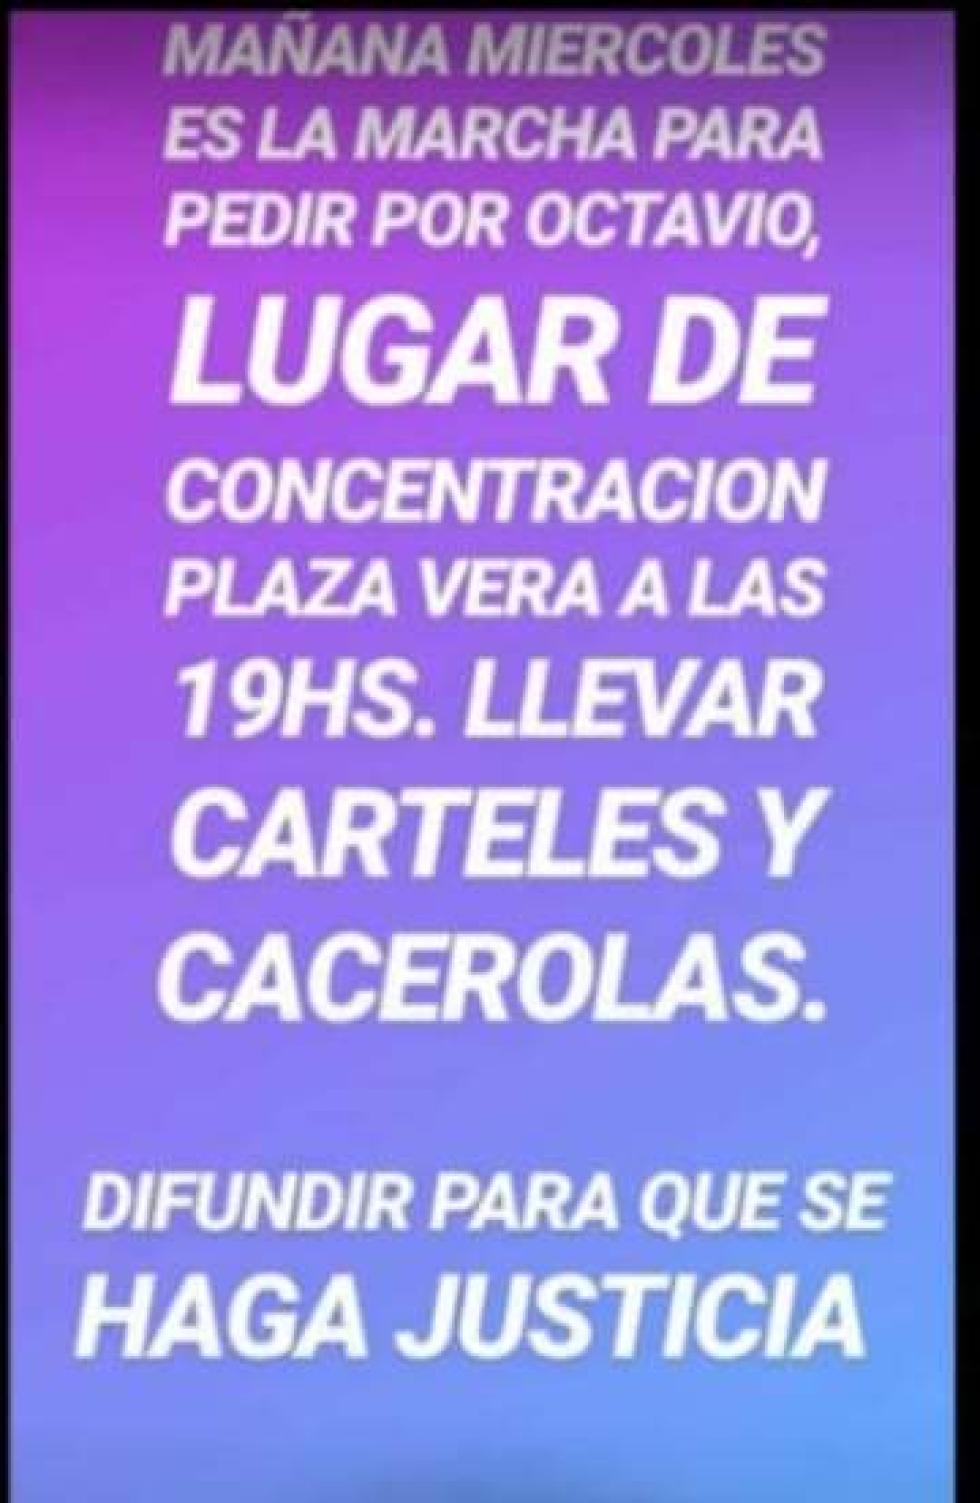 Marcha Octavio Corrientes